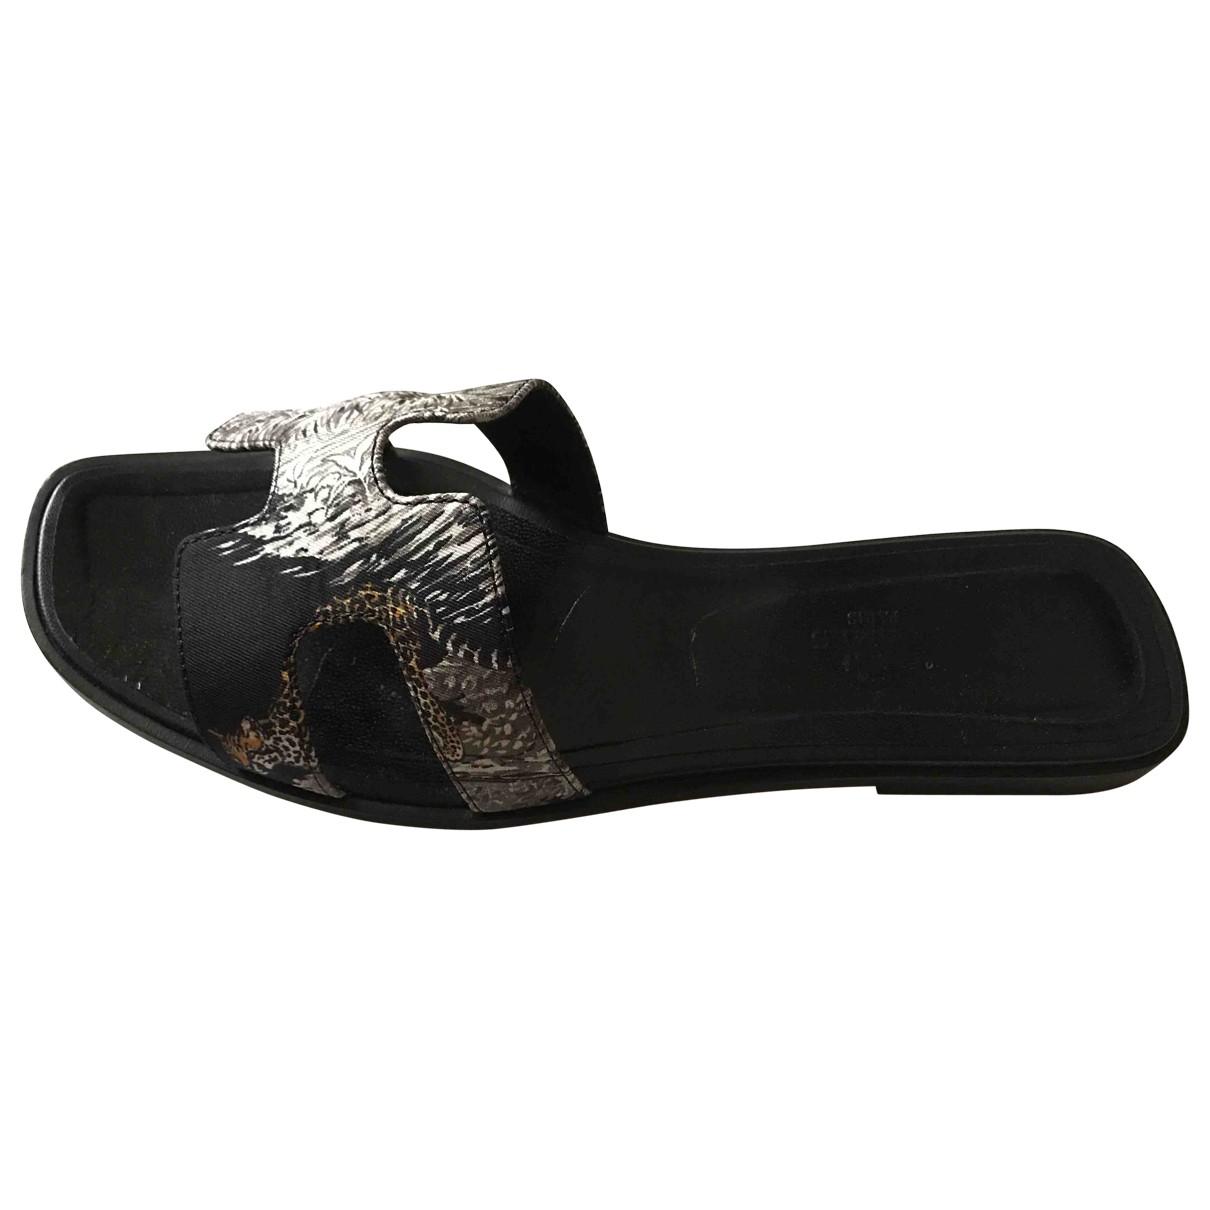 Hermes - Sandales Oran pour femme en toile - noir